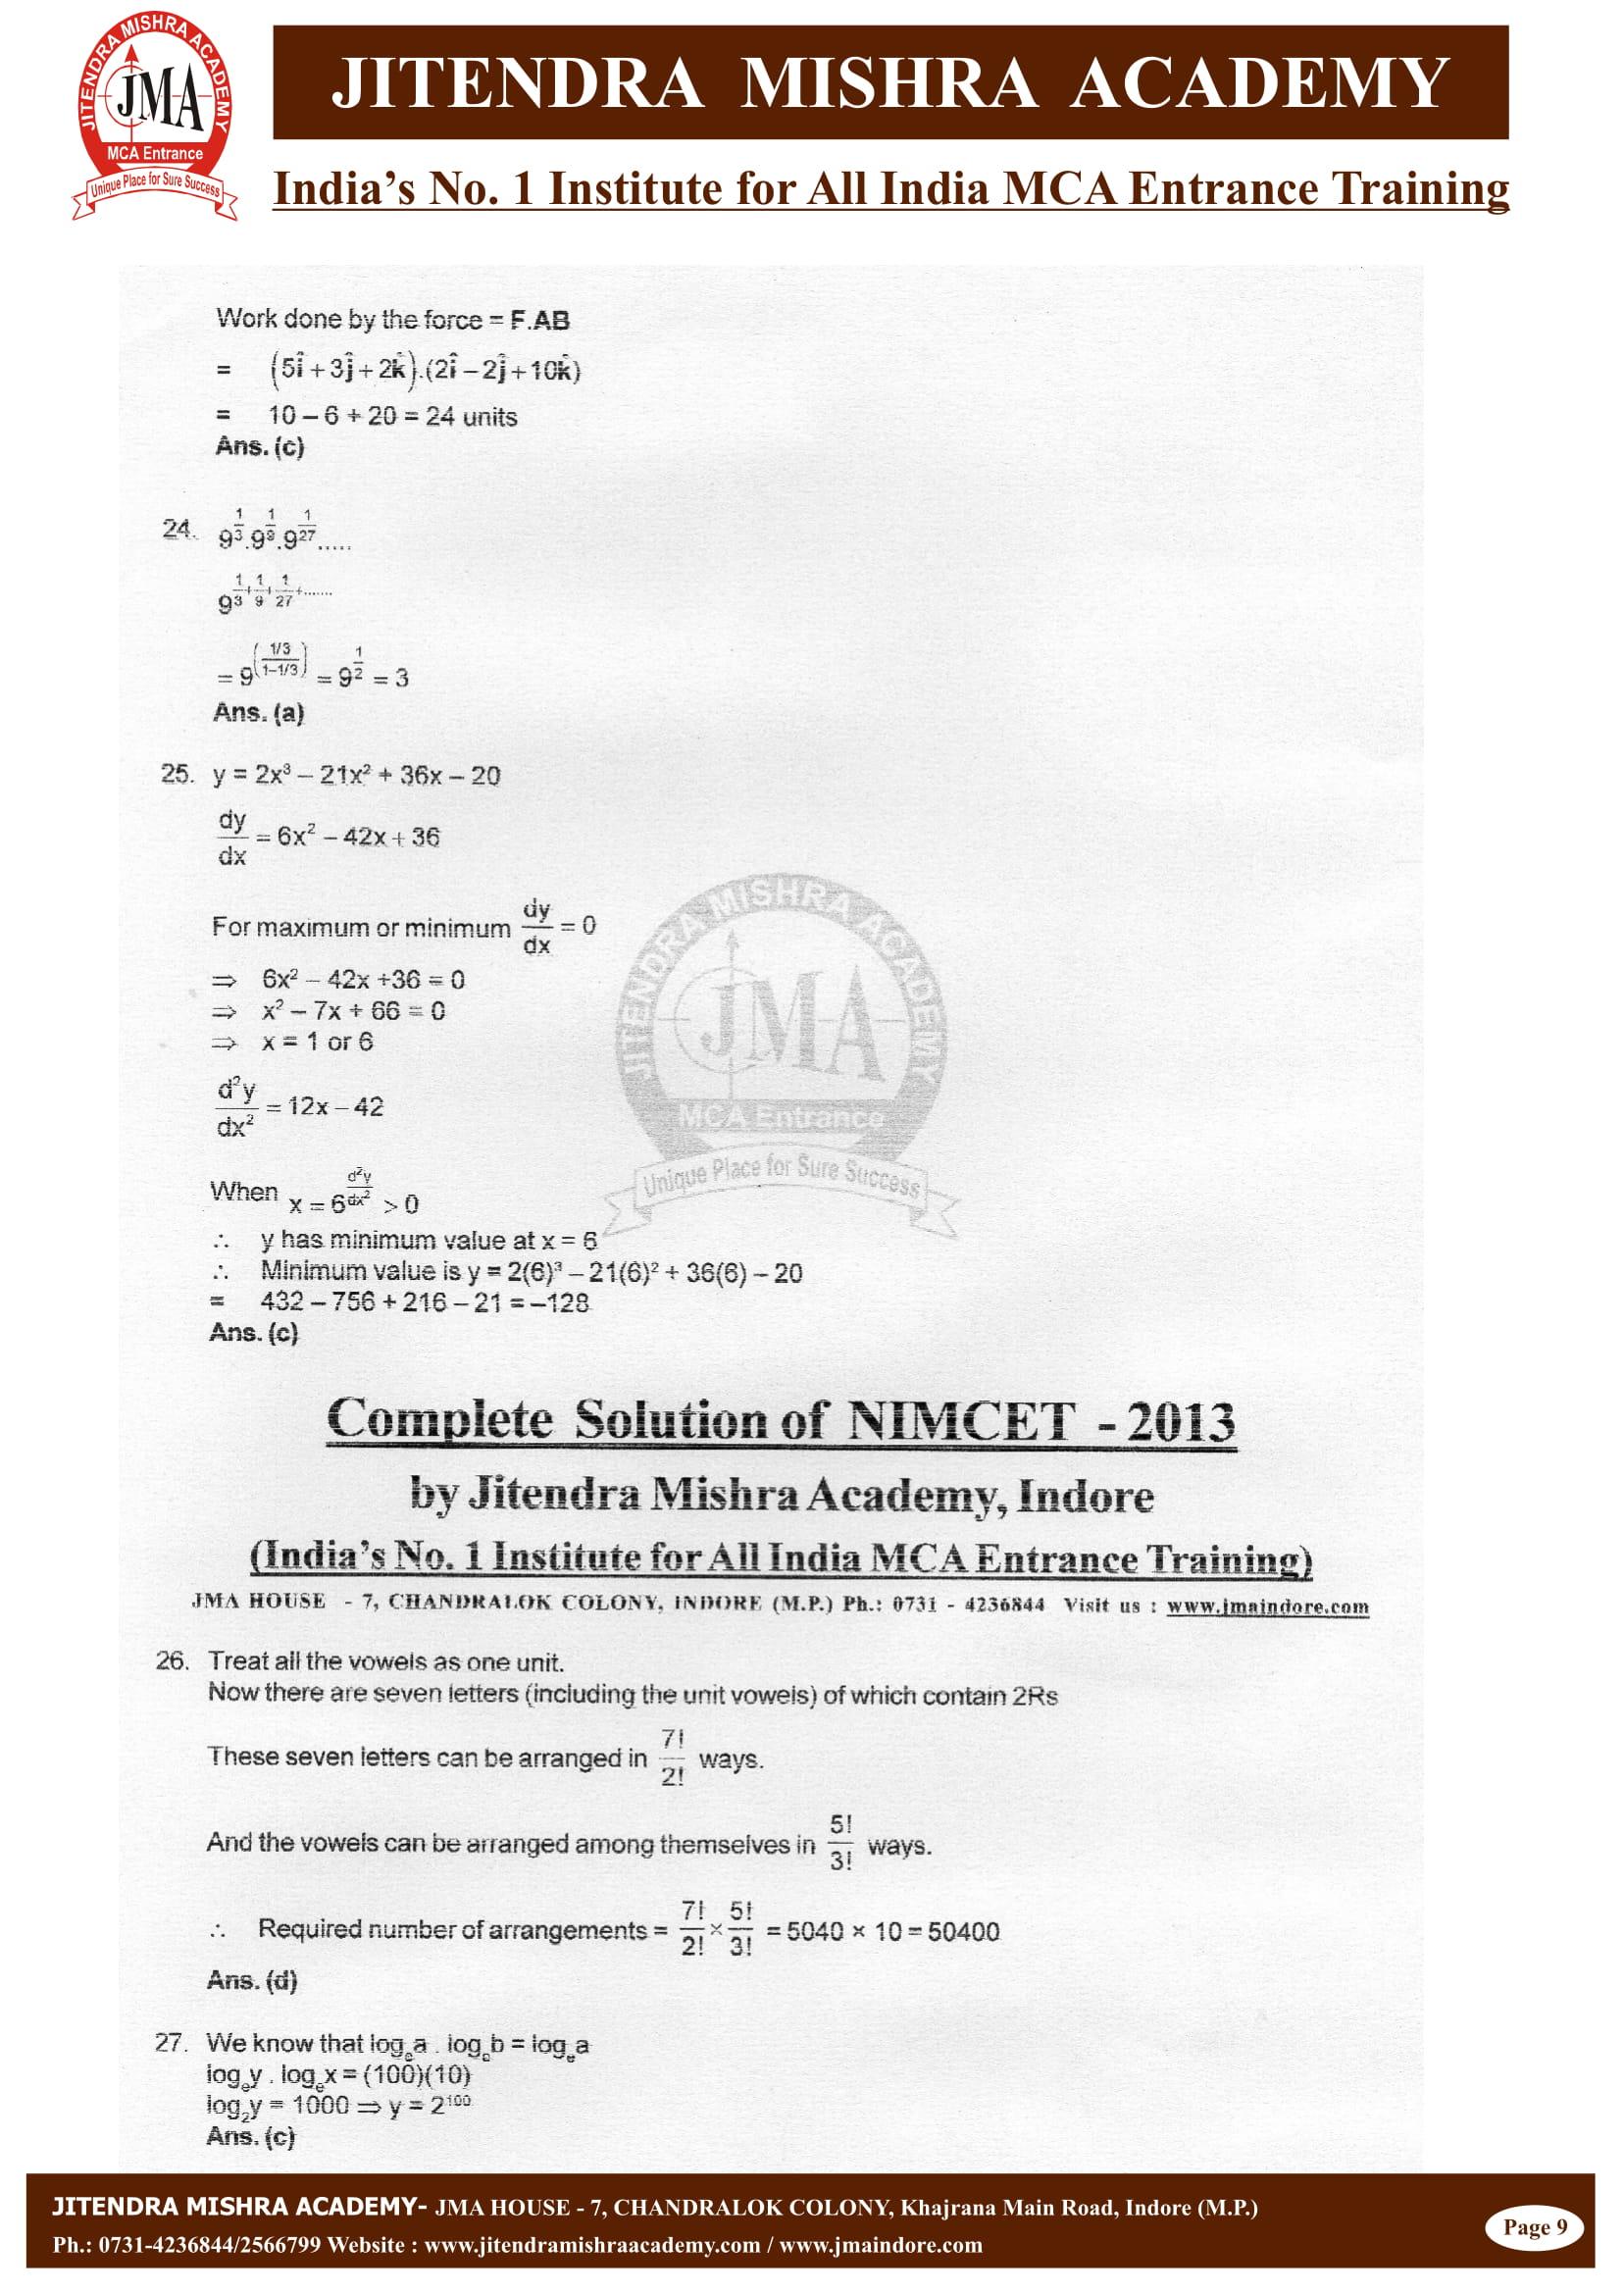 NIMCET - 2013 (SOLUTION)-09